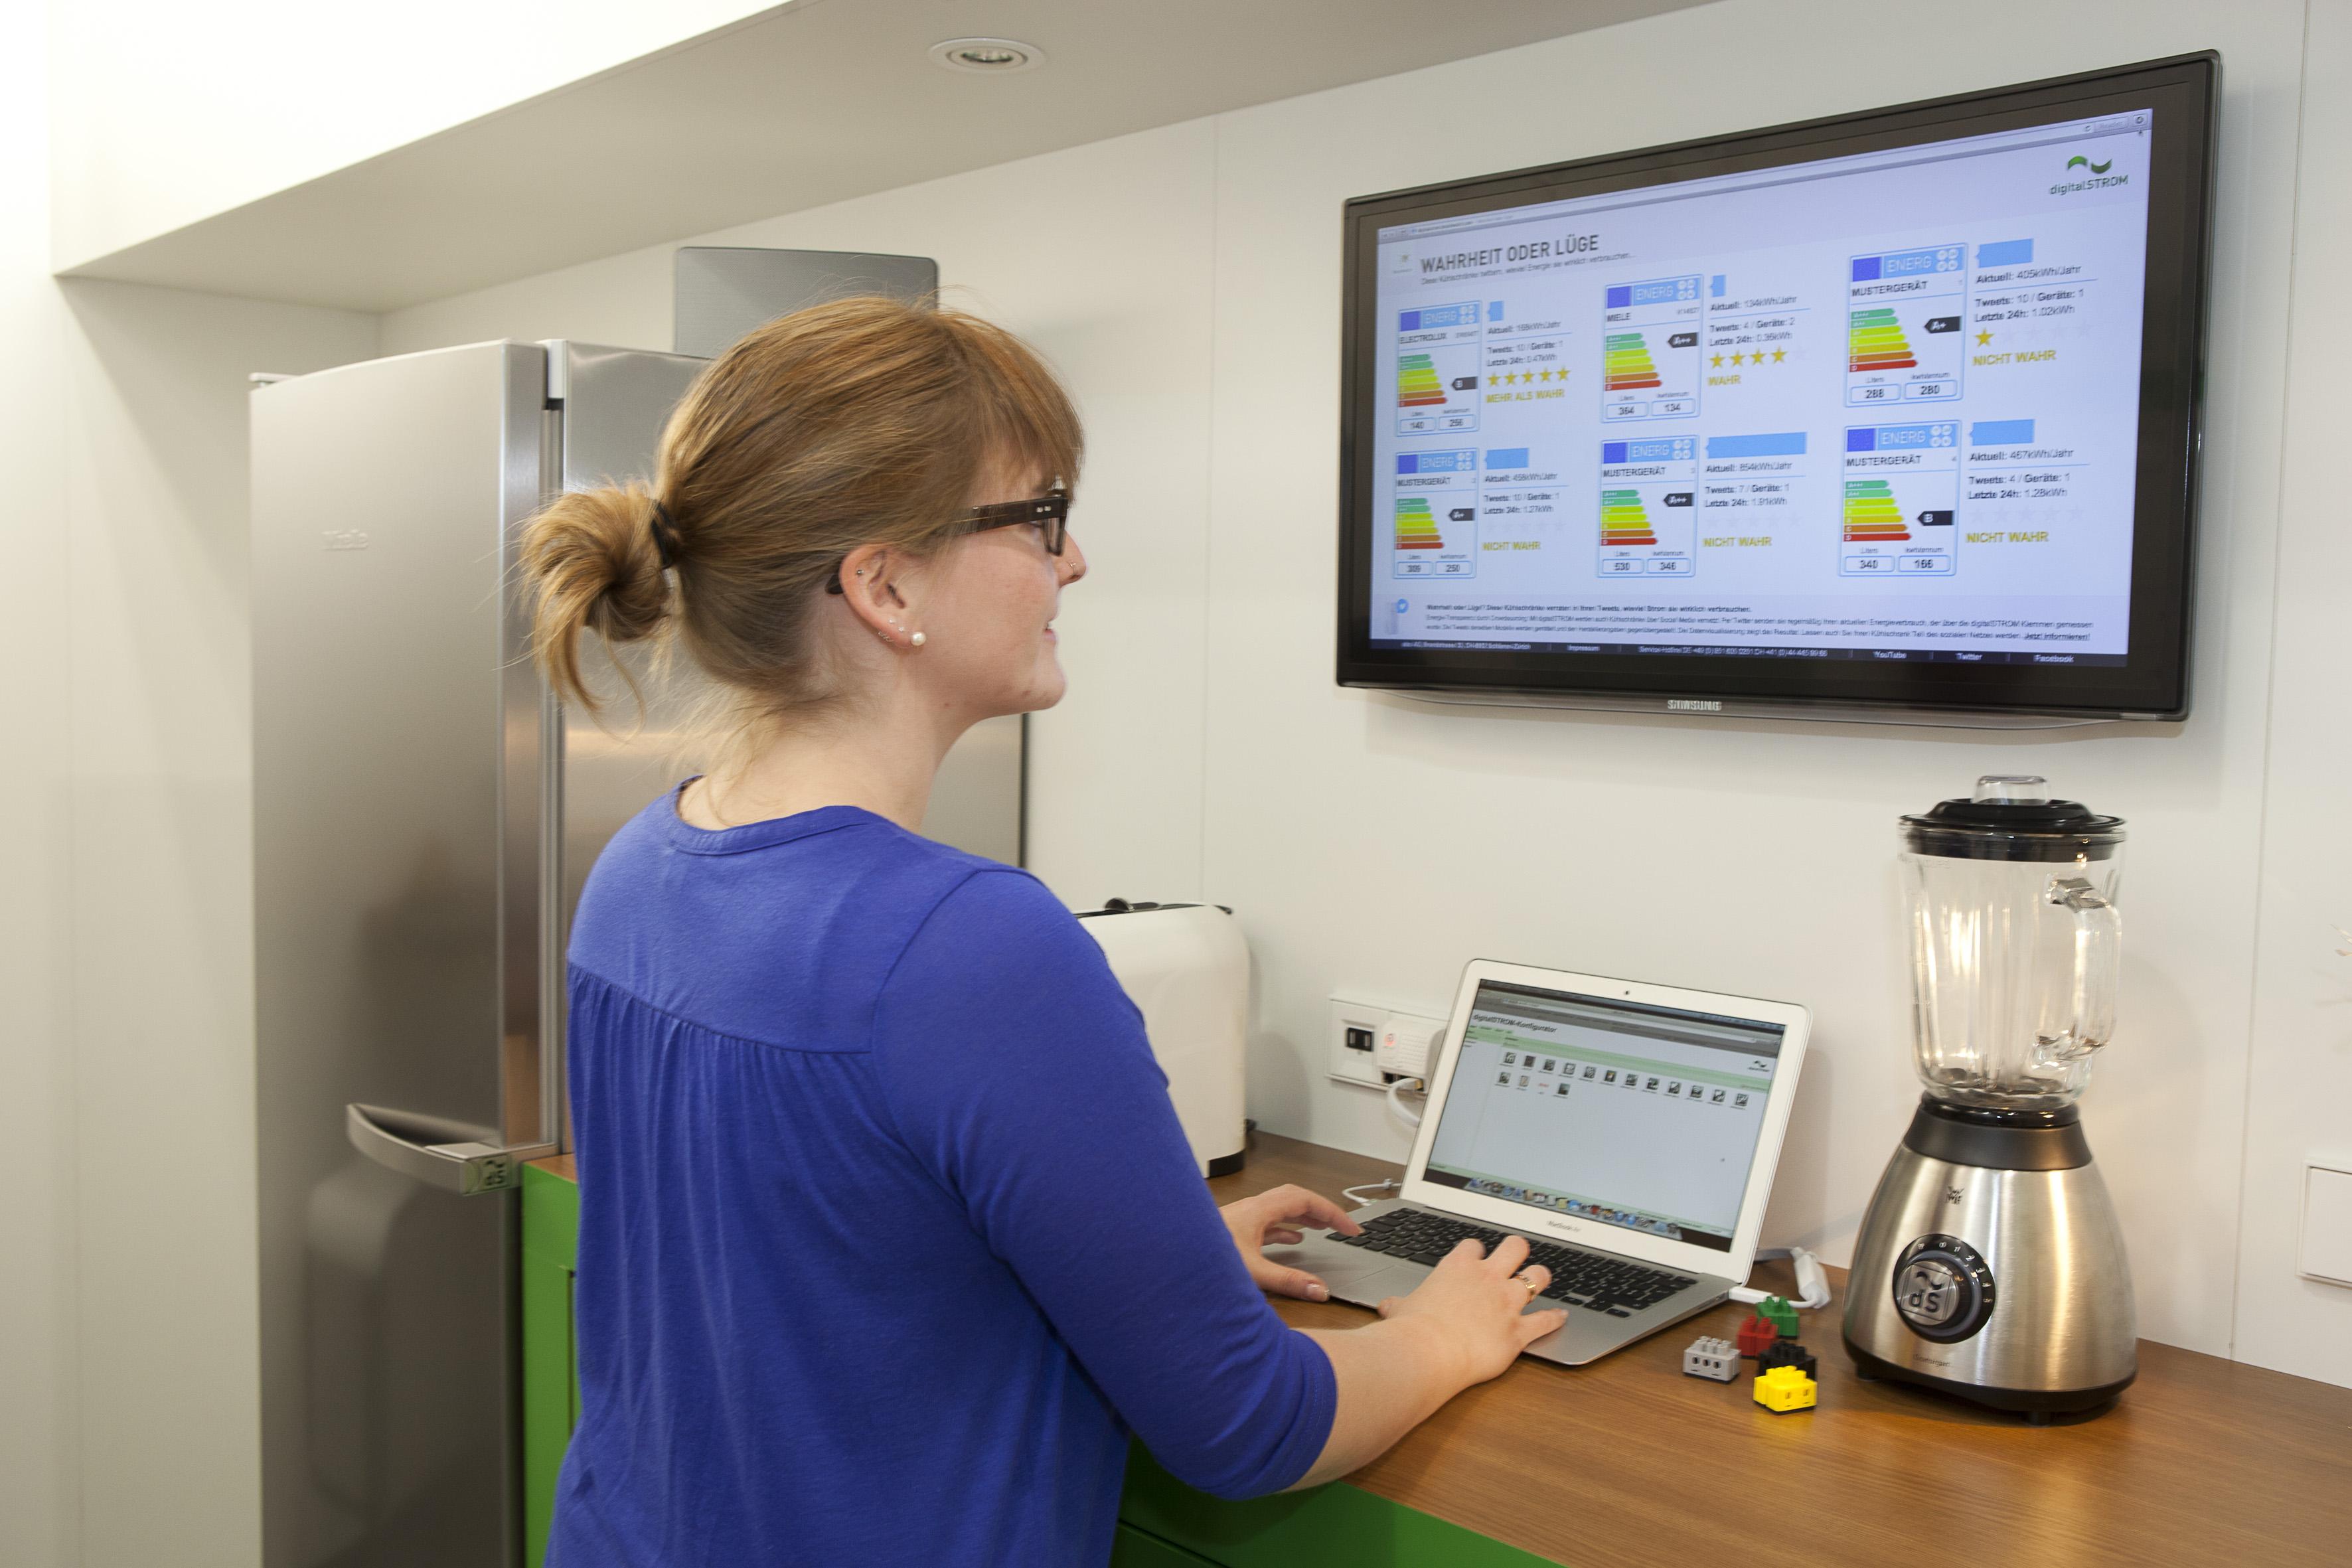 digitalSTROM_ Energieeffizienz von Geräten mit Social Media Tools aufdecken